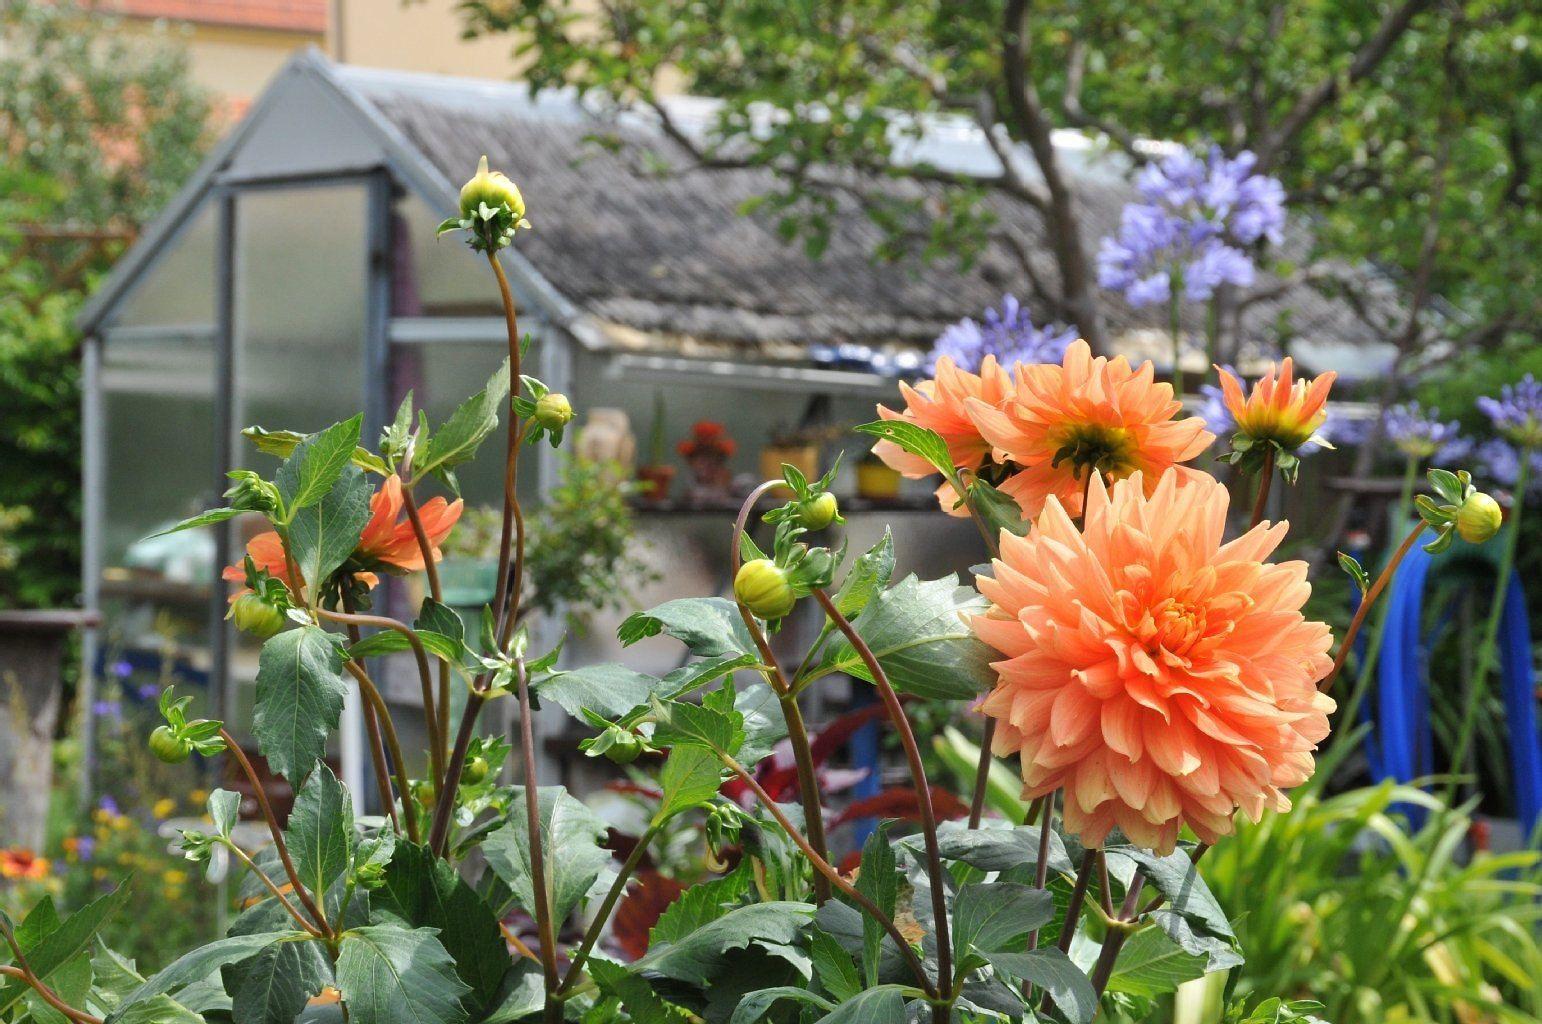 Garten In Eisenhuttenstadt Zu Verschenken Das Sind Instant Mood Boosters Von Kleingarten Die Laube Ist Leer Berliner Zeitu Garten Kleiner Garten Verschenken